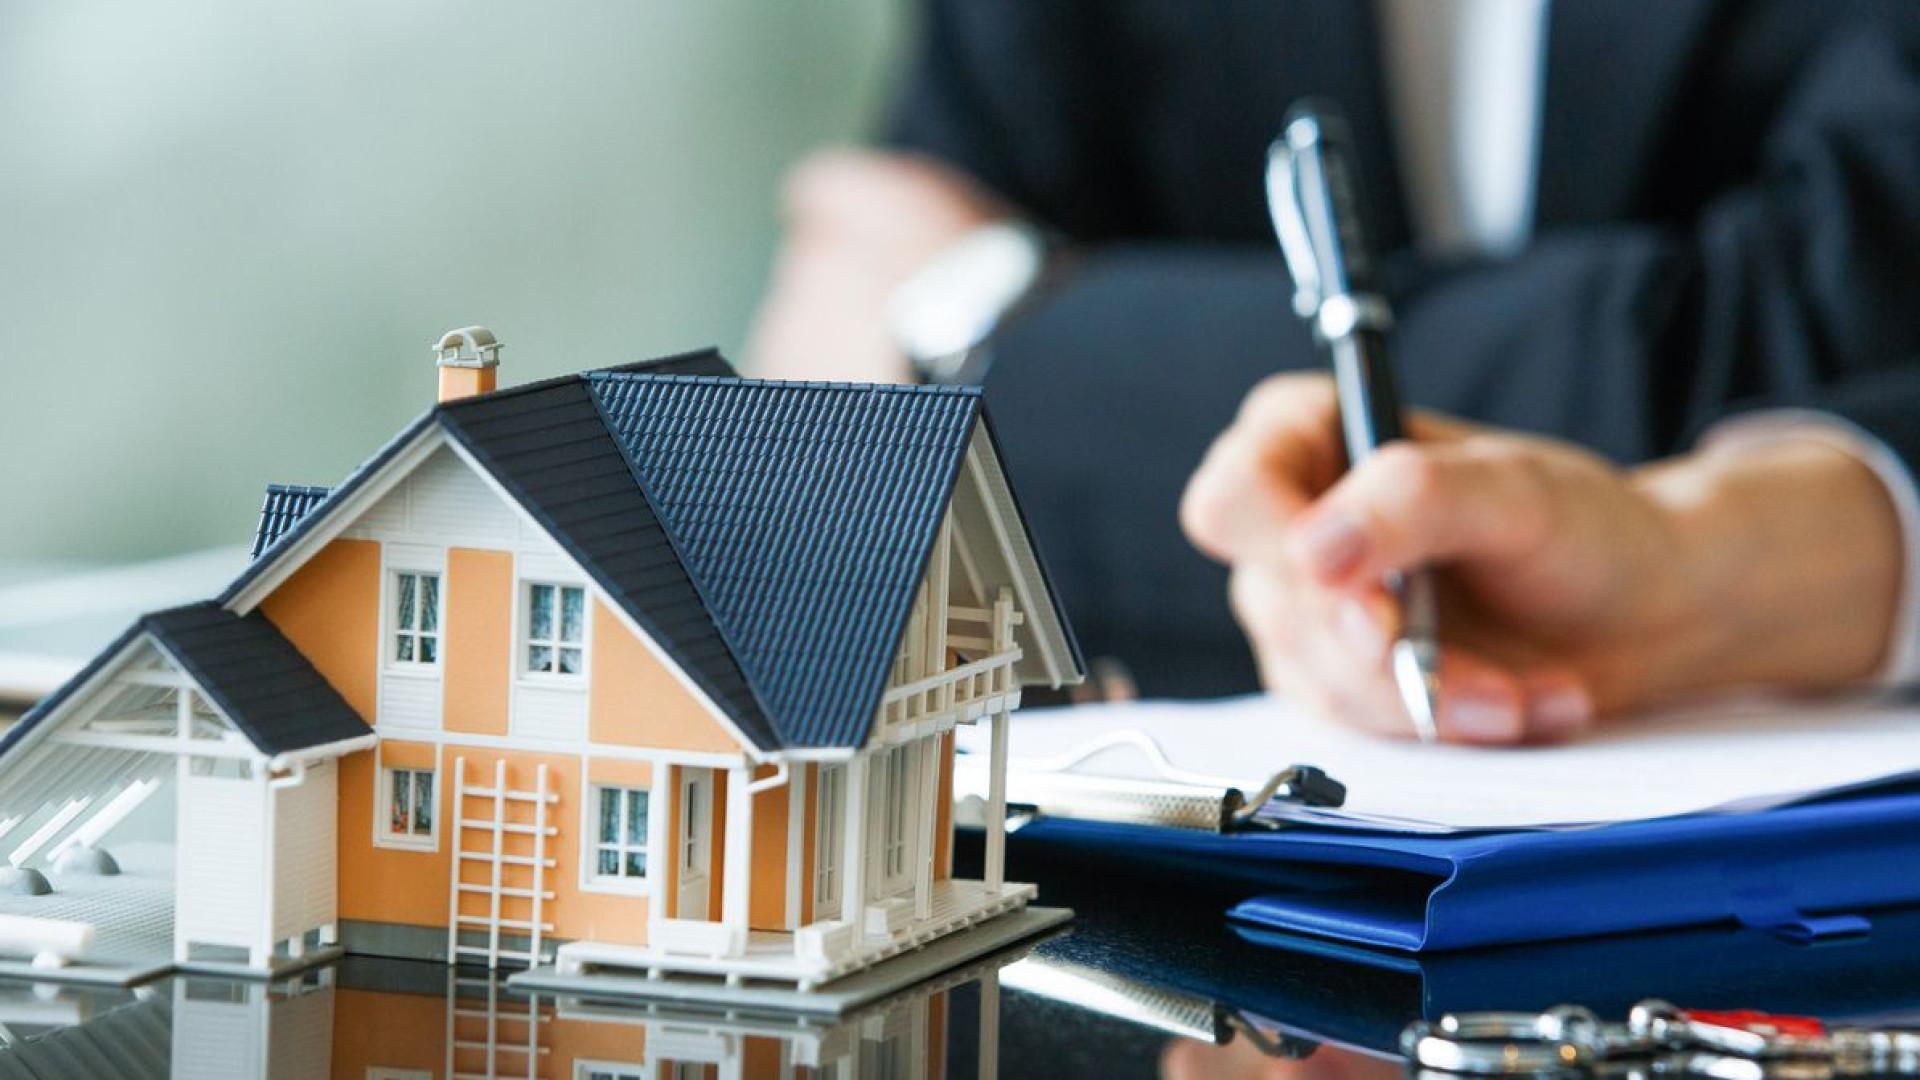 Lucios alocou 150 milhões de euros ao sector imobiliário